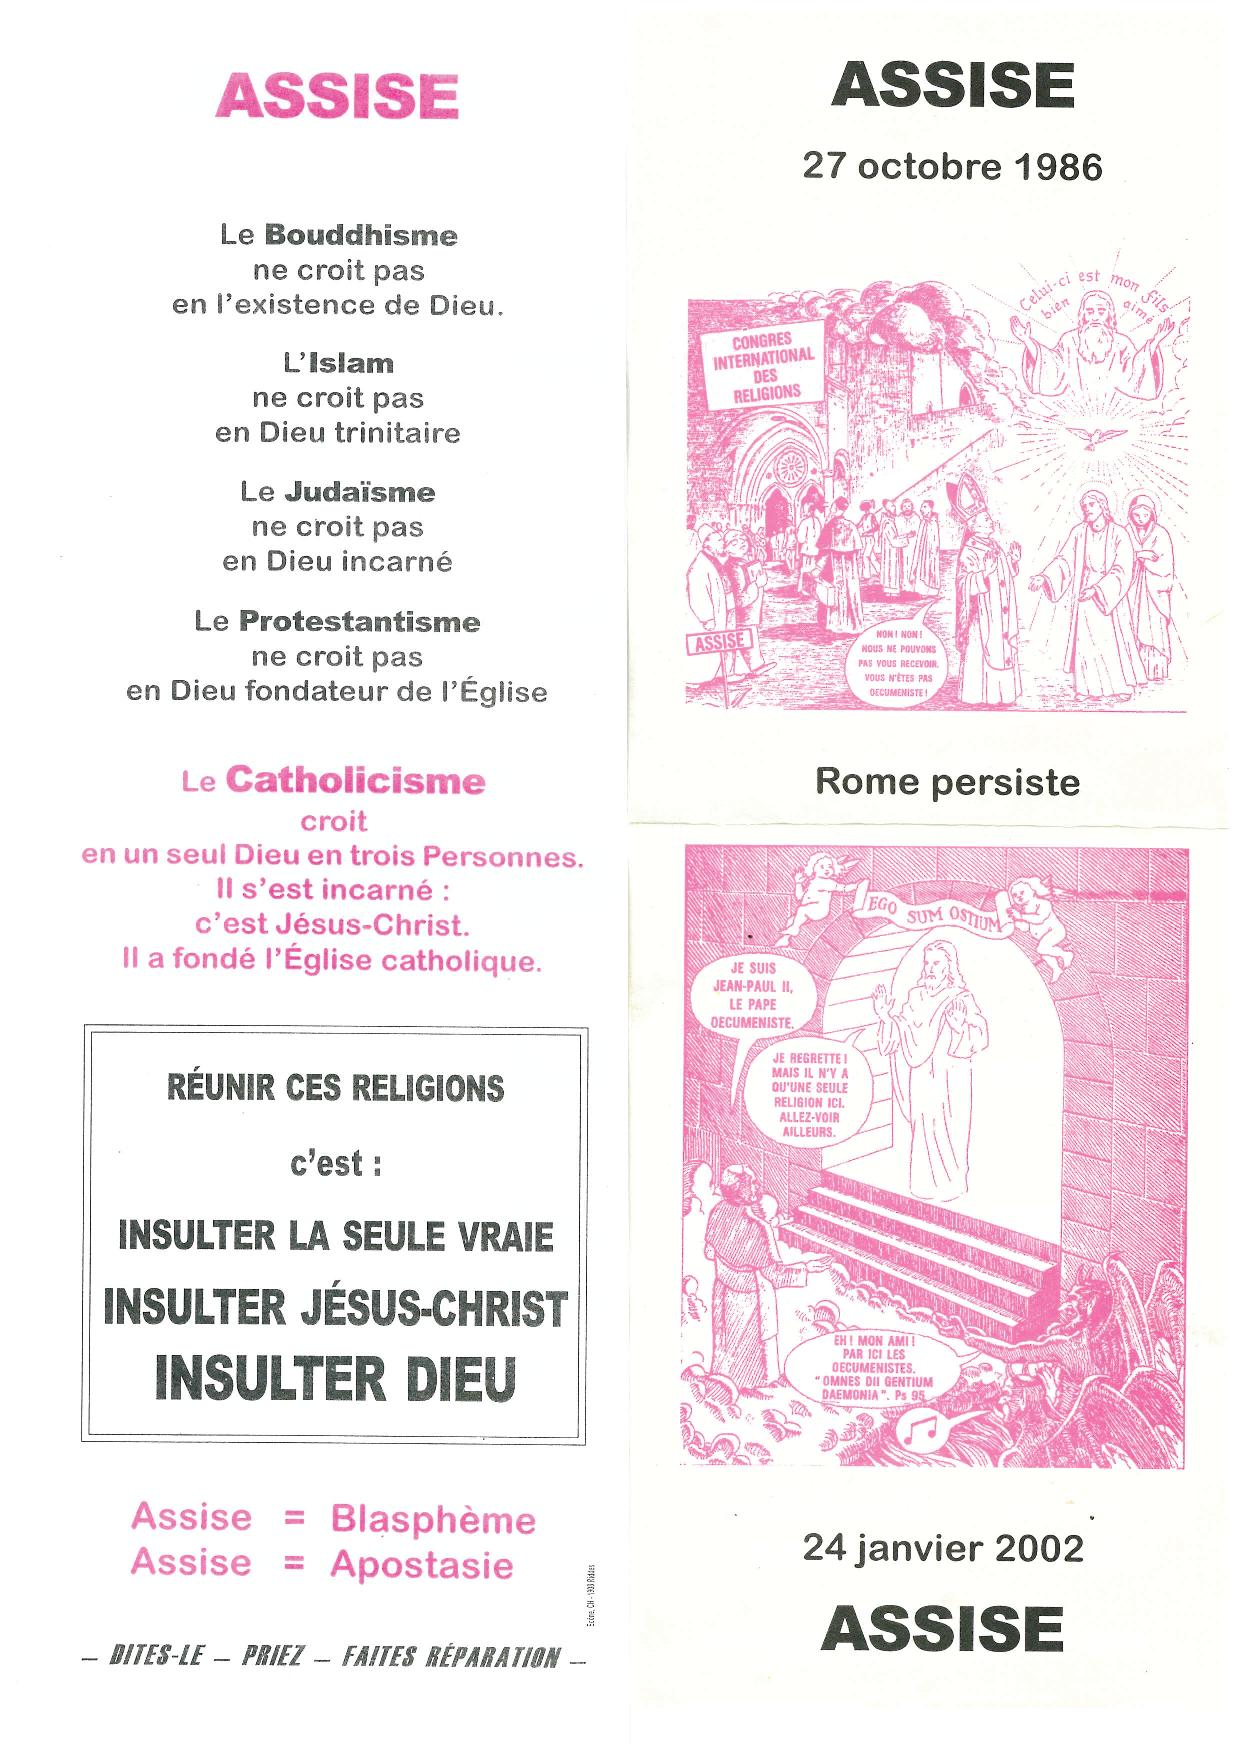 Madame Huguette dénonce comme infâmentes ces caricatures car cela offense le pape. Mais que trouve-t-elle à redire sur l'infâme apostasie d'Assise qui offense Dieu ?